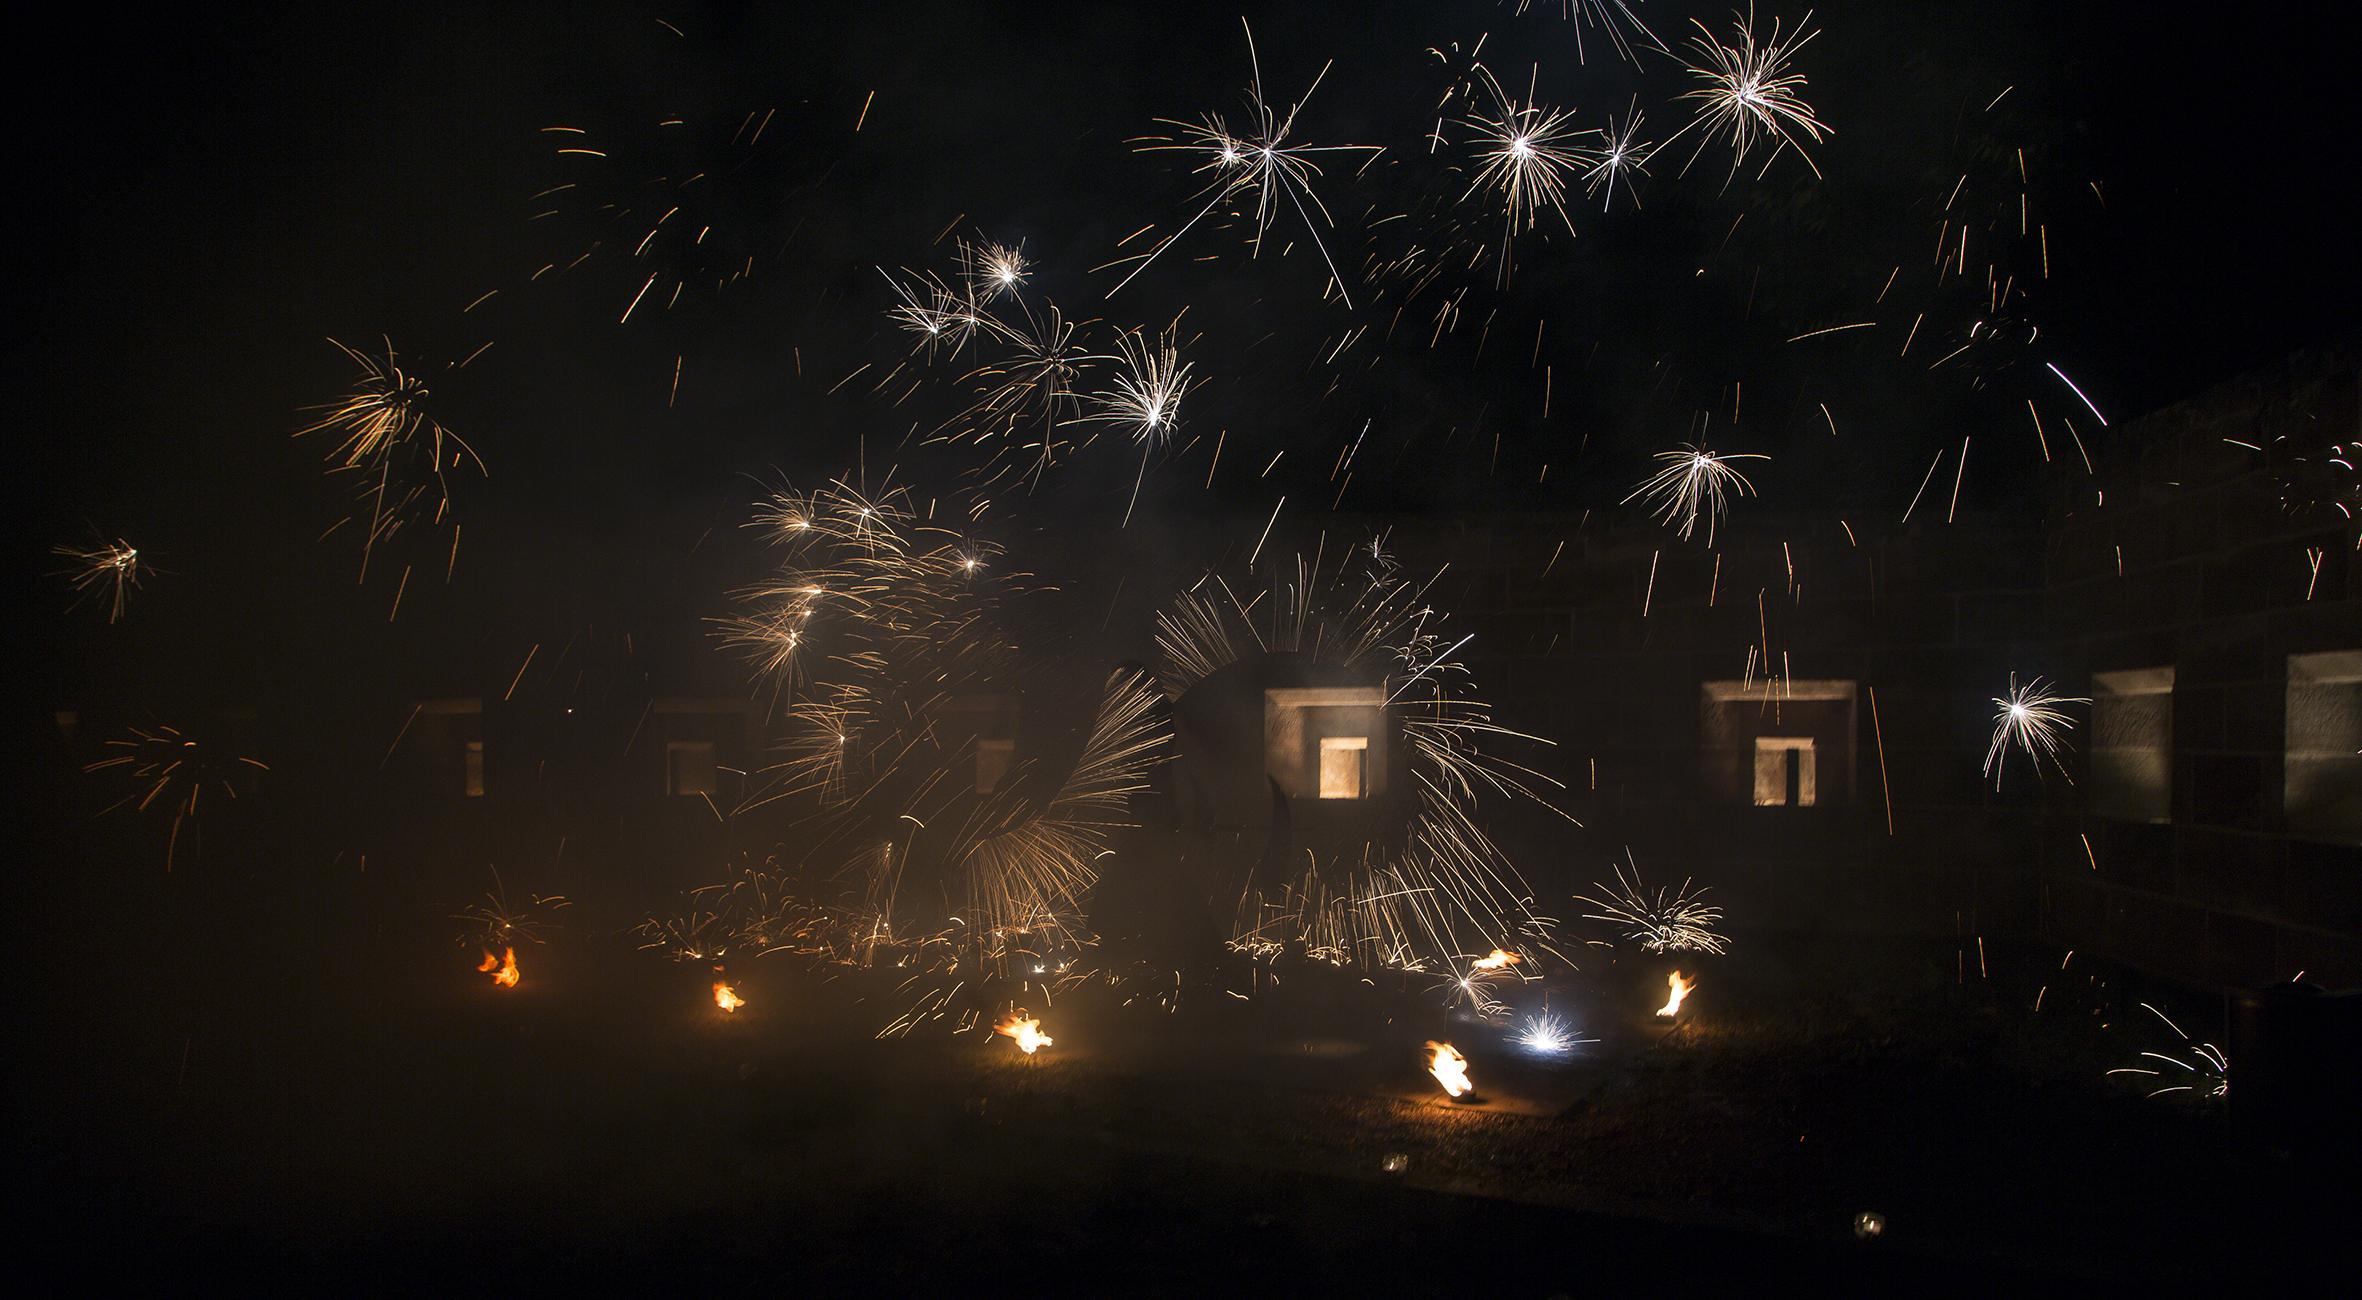 spectacles-festival-au-grès-du-jazz-la-petite-pierre-2015-marie-colette-becker-08